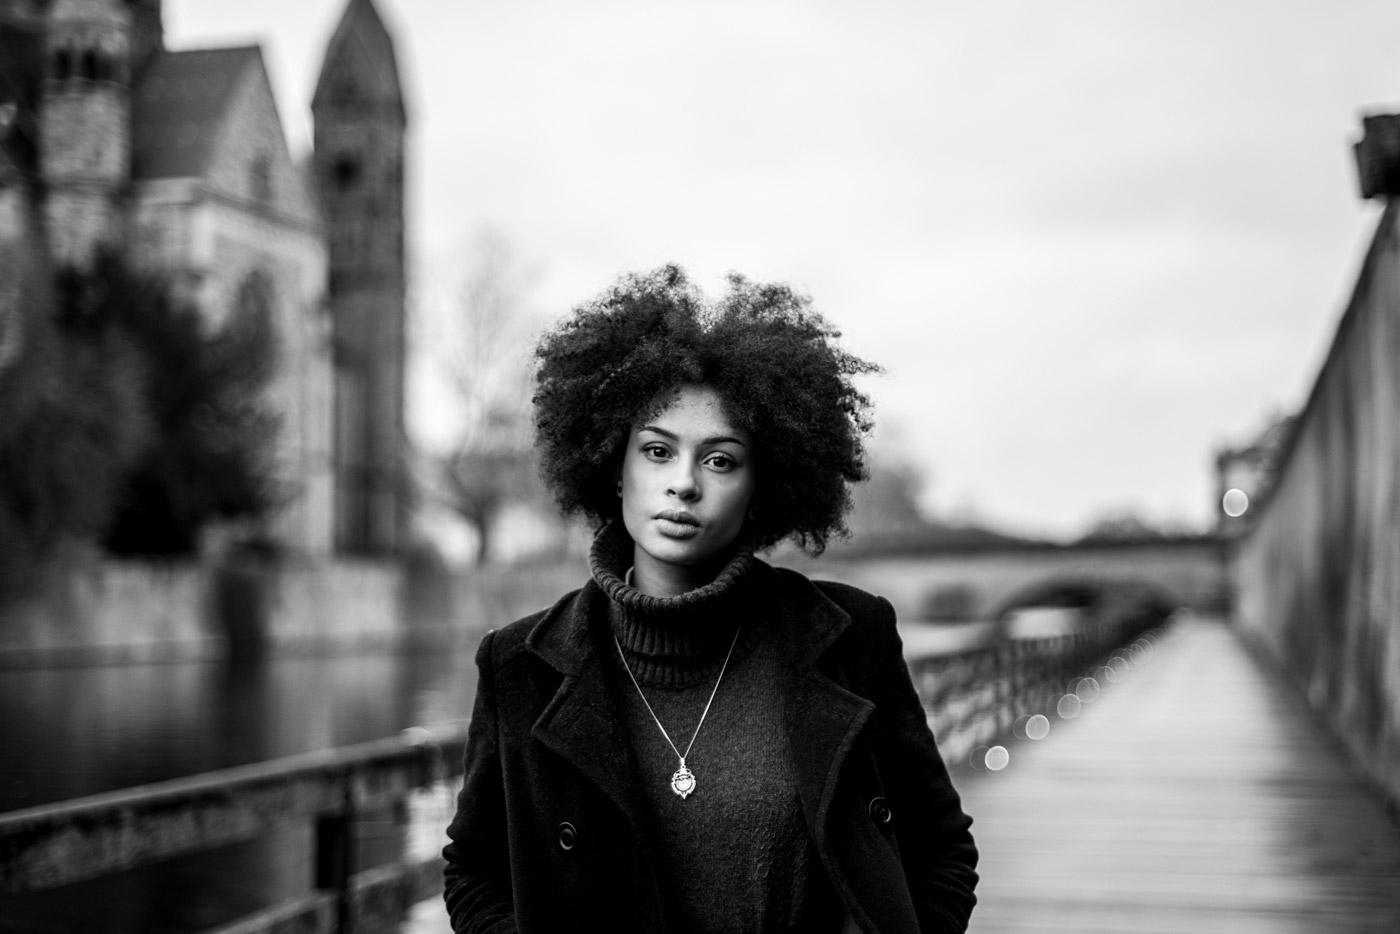 Margaux Gatti Photographe de Metz - La Femme dans la Ville de Metz - Projet Photo Portrait 2019 - Rue des Roches